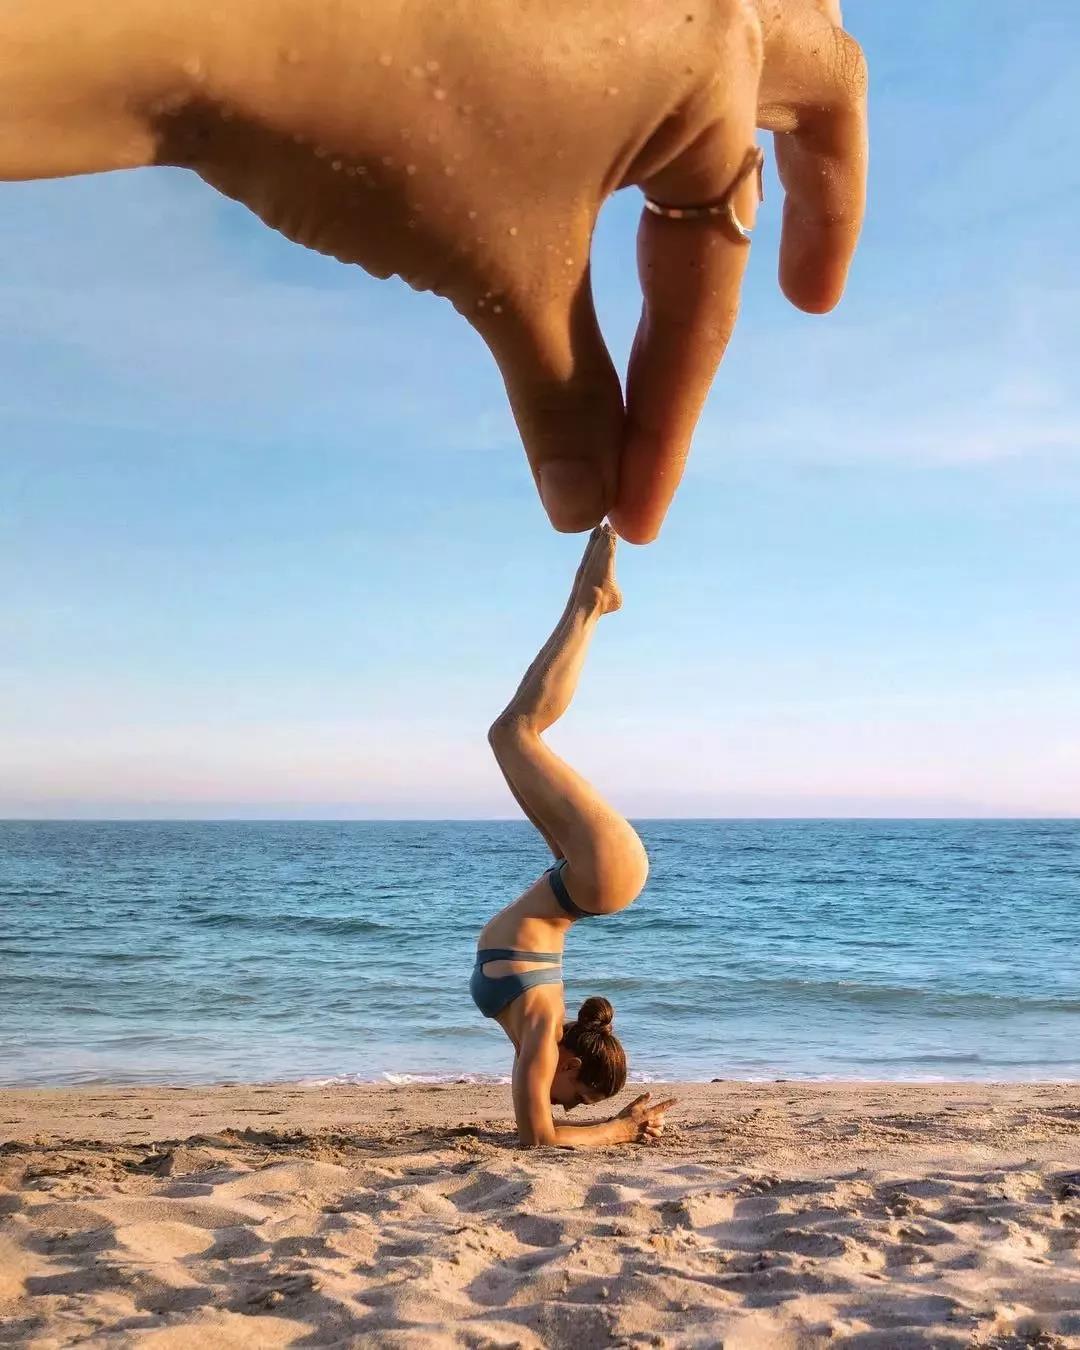 瑜伽与生活心语,有瑜伽的日子是这么充实